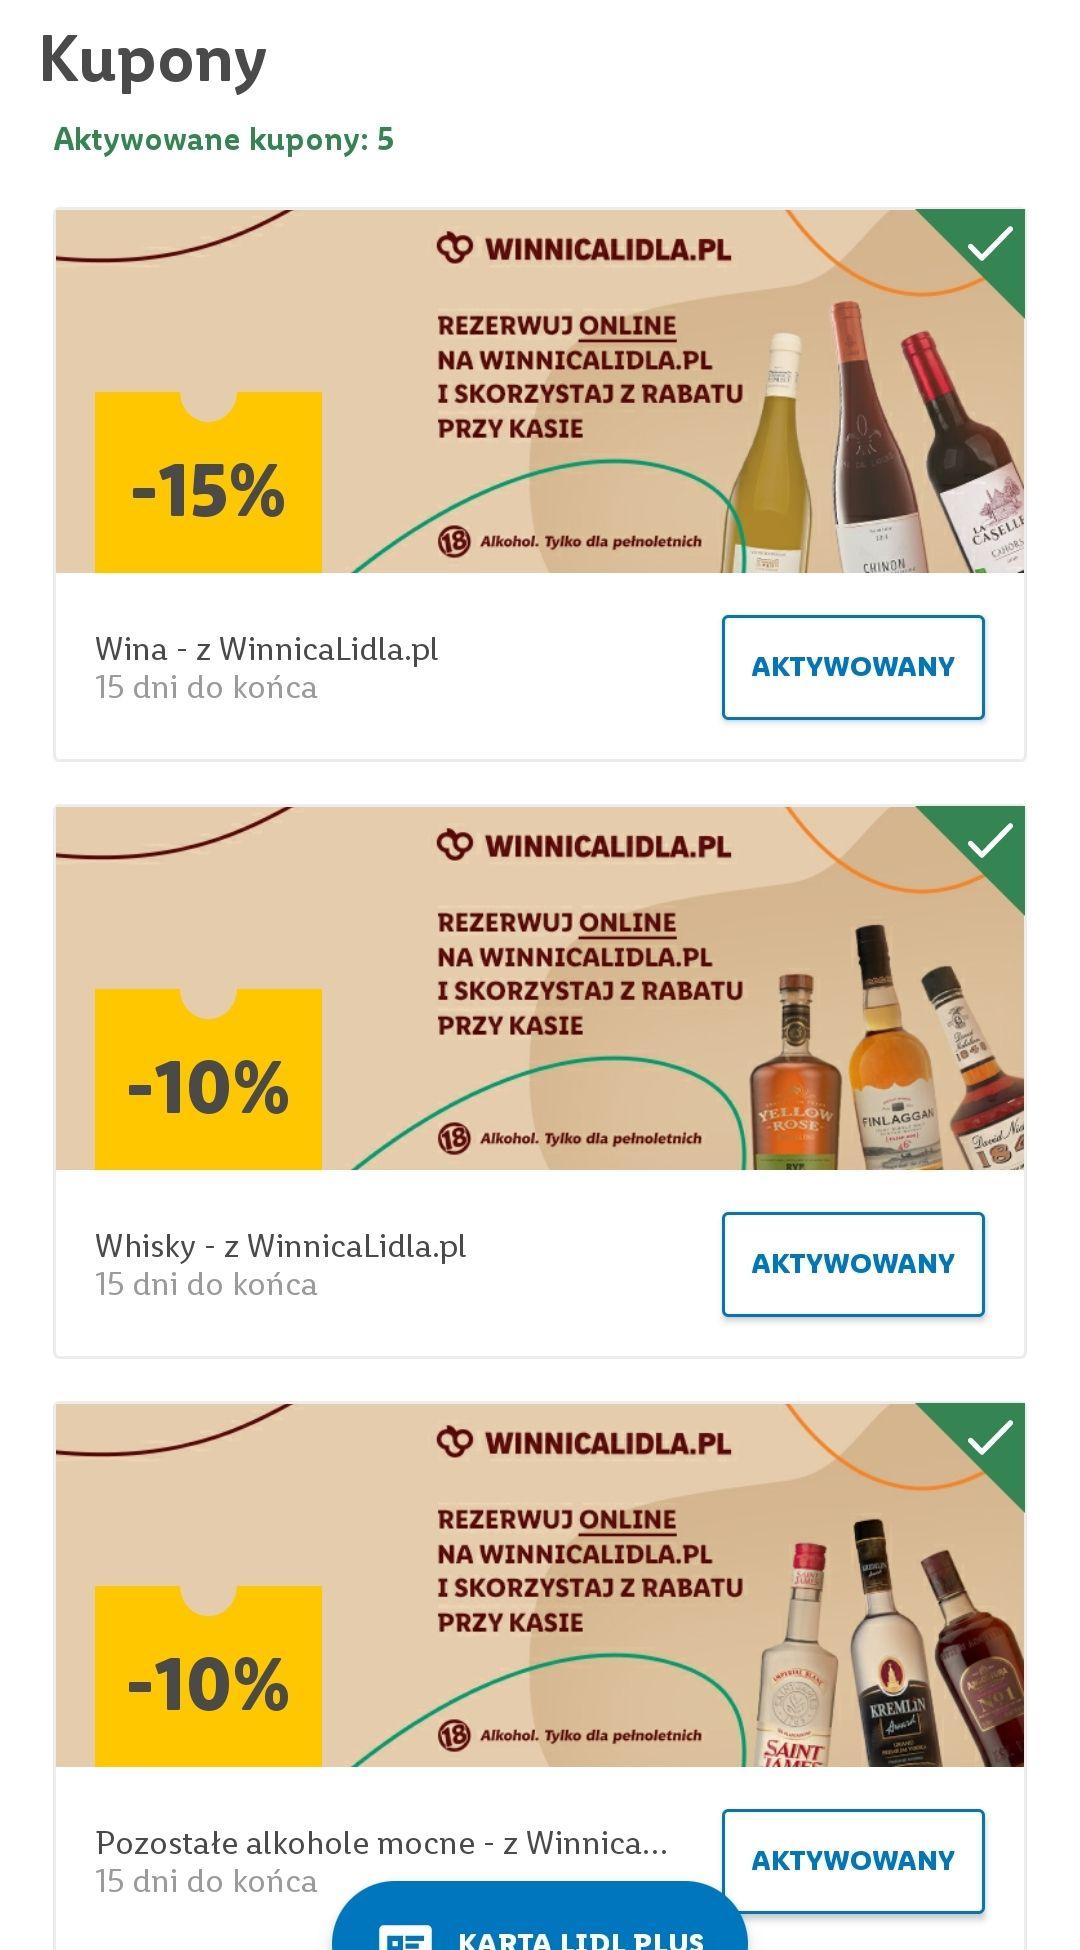 Kupony na alkohol w aplikacji Lidl Plus, -10% whisky i inne mocne alkohole, -15% wino